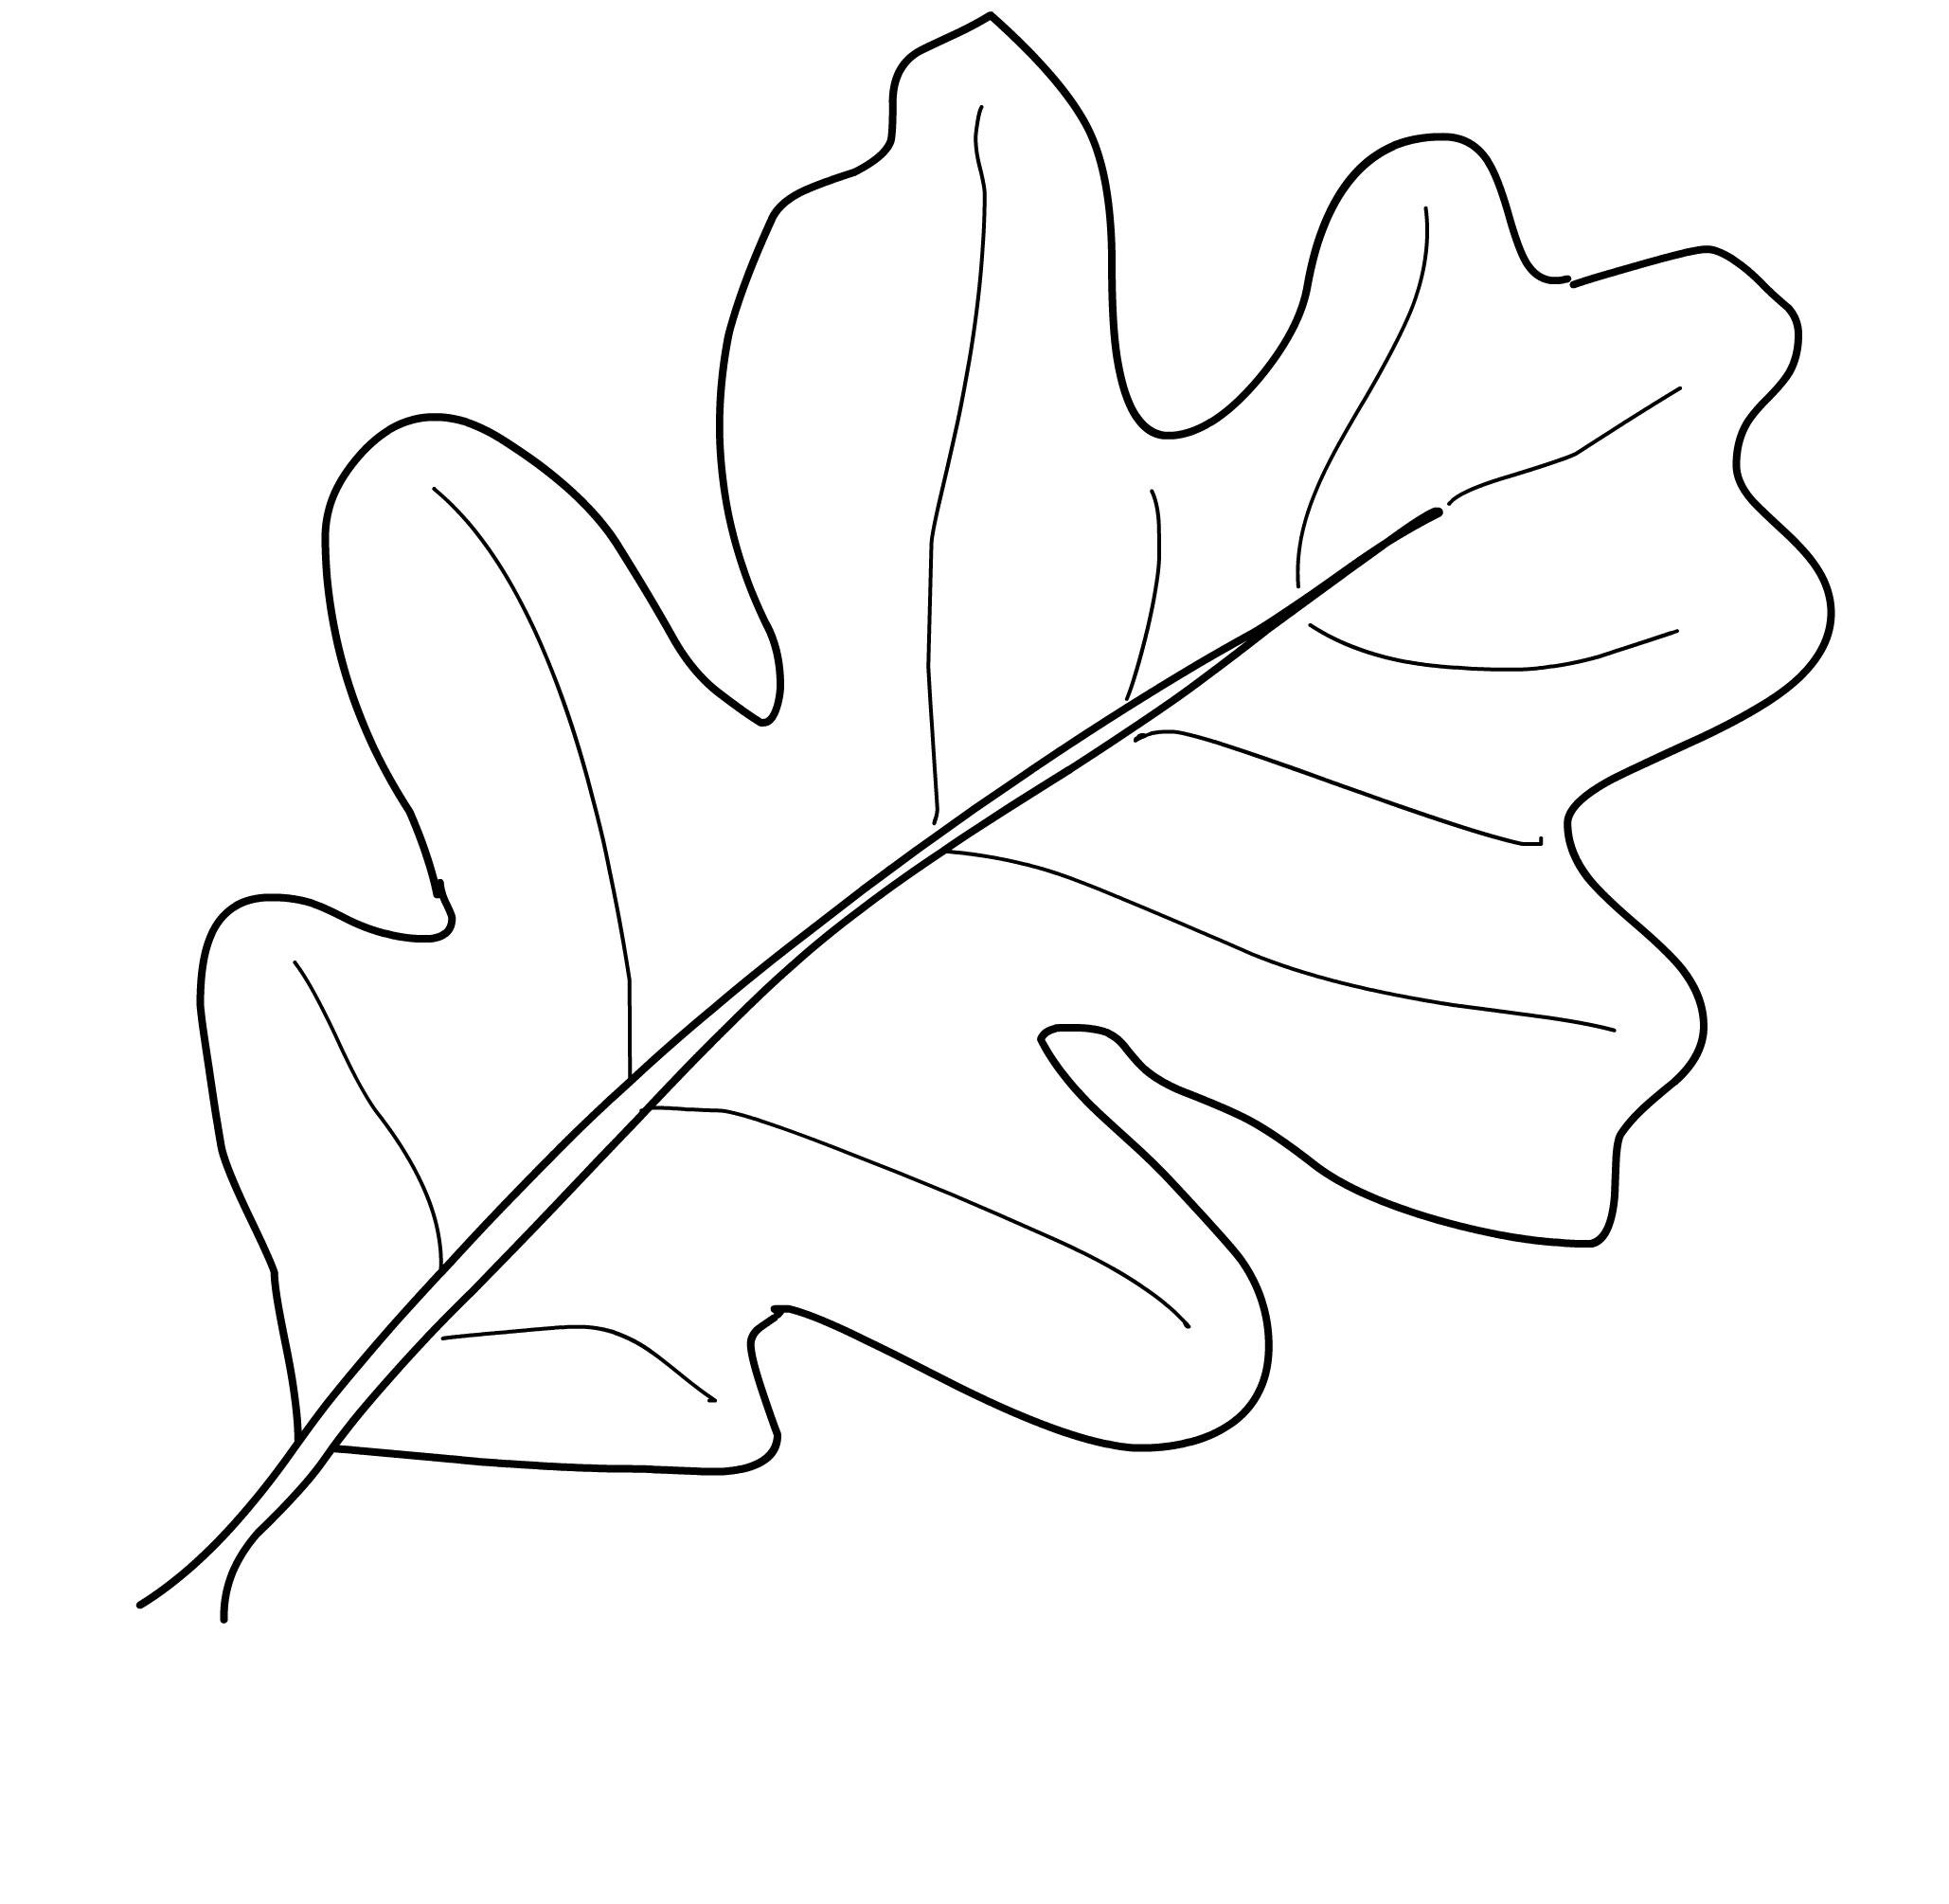 что картинка контур дубового листа рьяно ухаживают